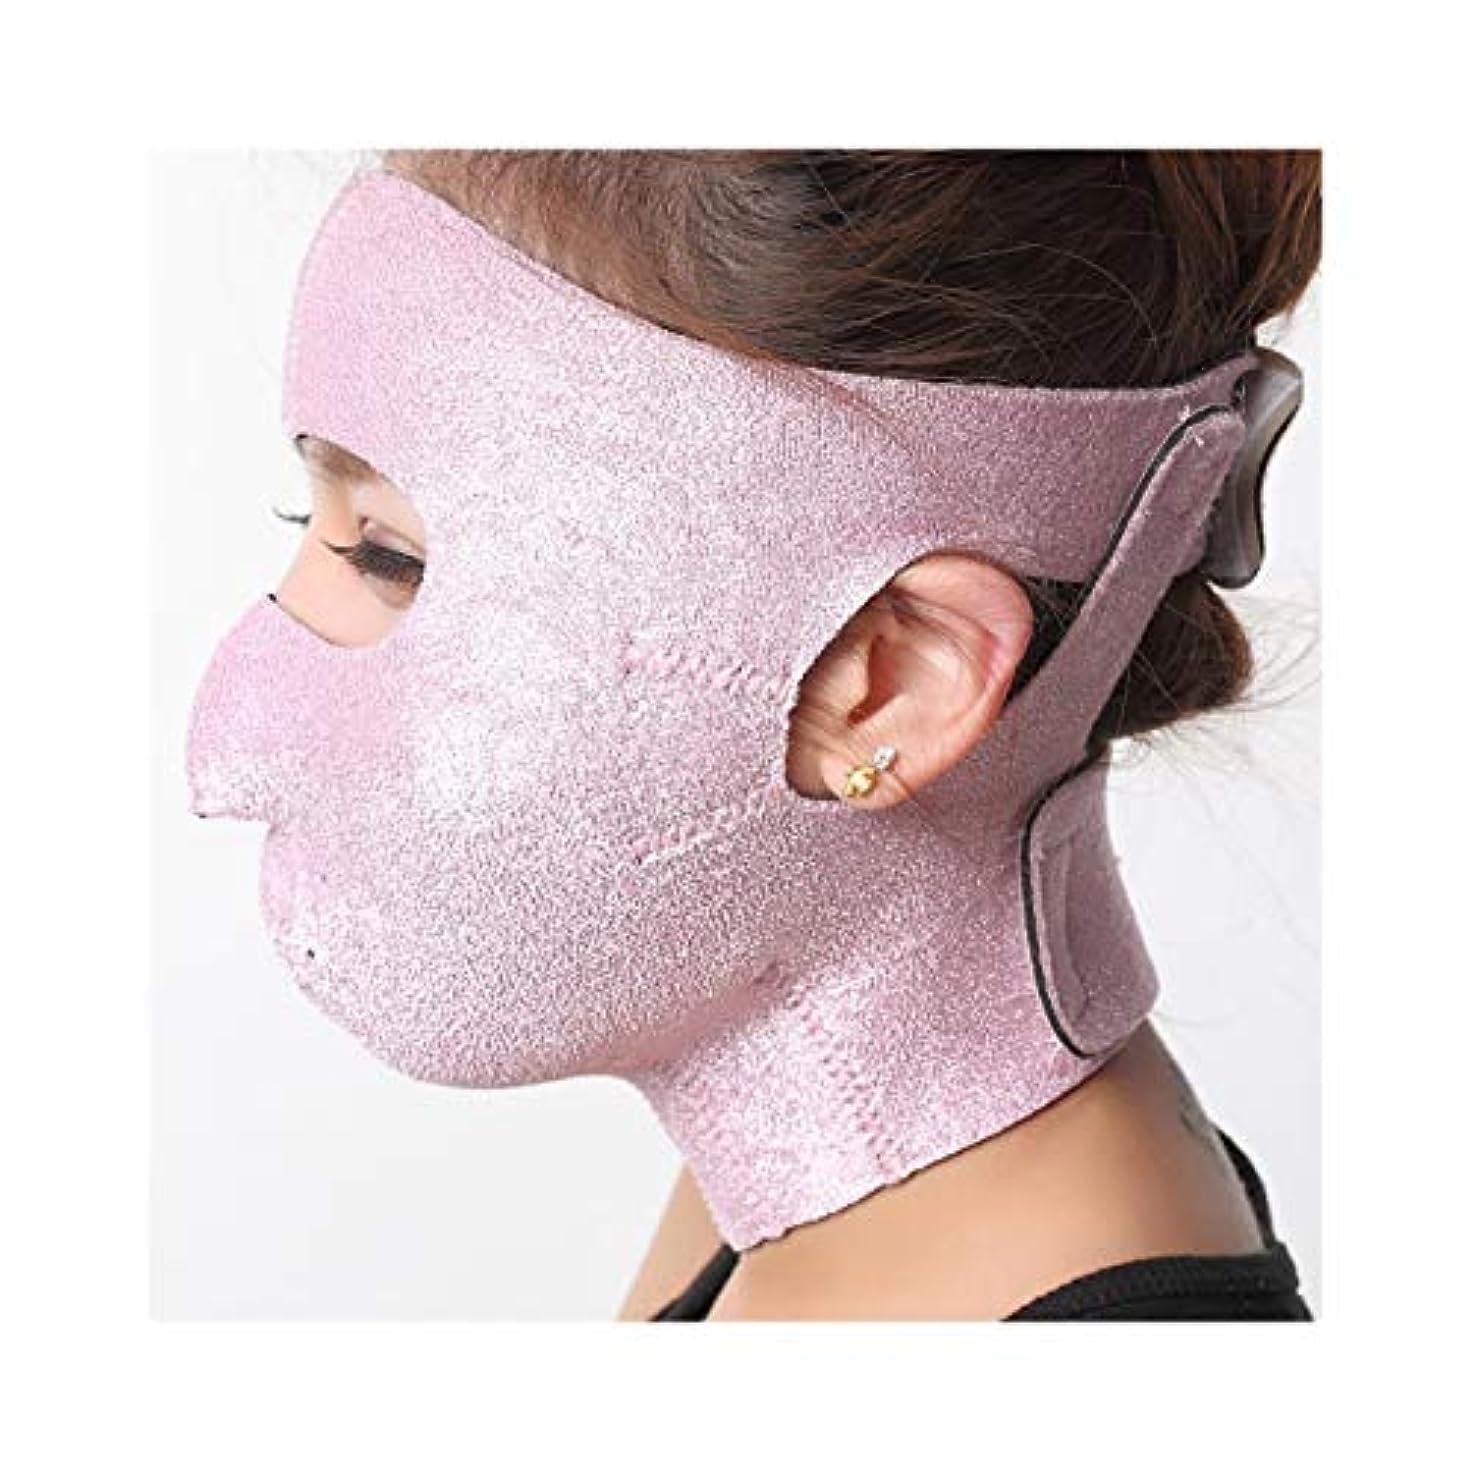 ストライプバンク与えるTLMY 引き締めマスク小さなVフェイスアーティファクト睡眠薄いフェイス包帯マスクと引き締めマスク引き締めクリームフェイスリフトフェイスメロン 顔用整形マスク